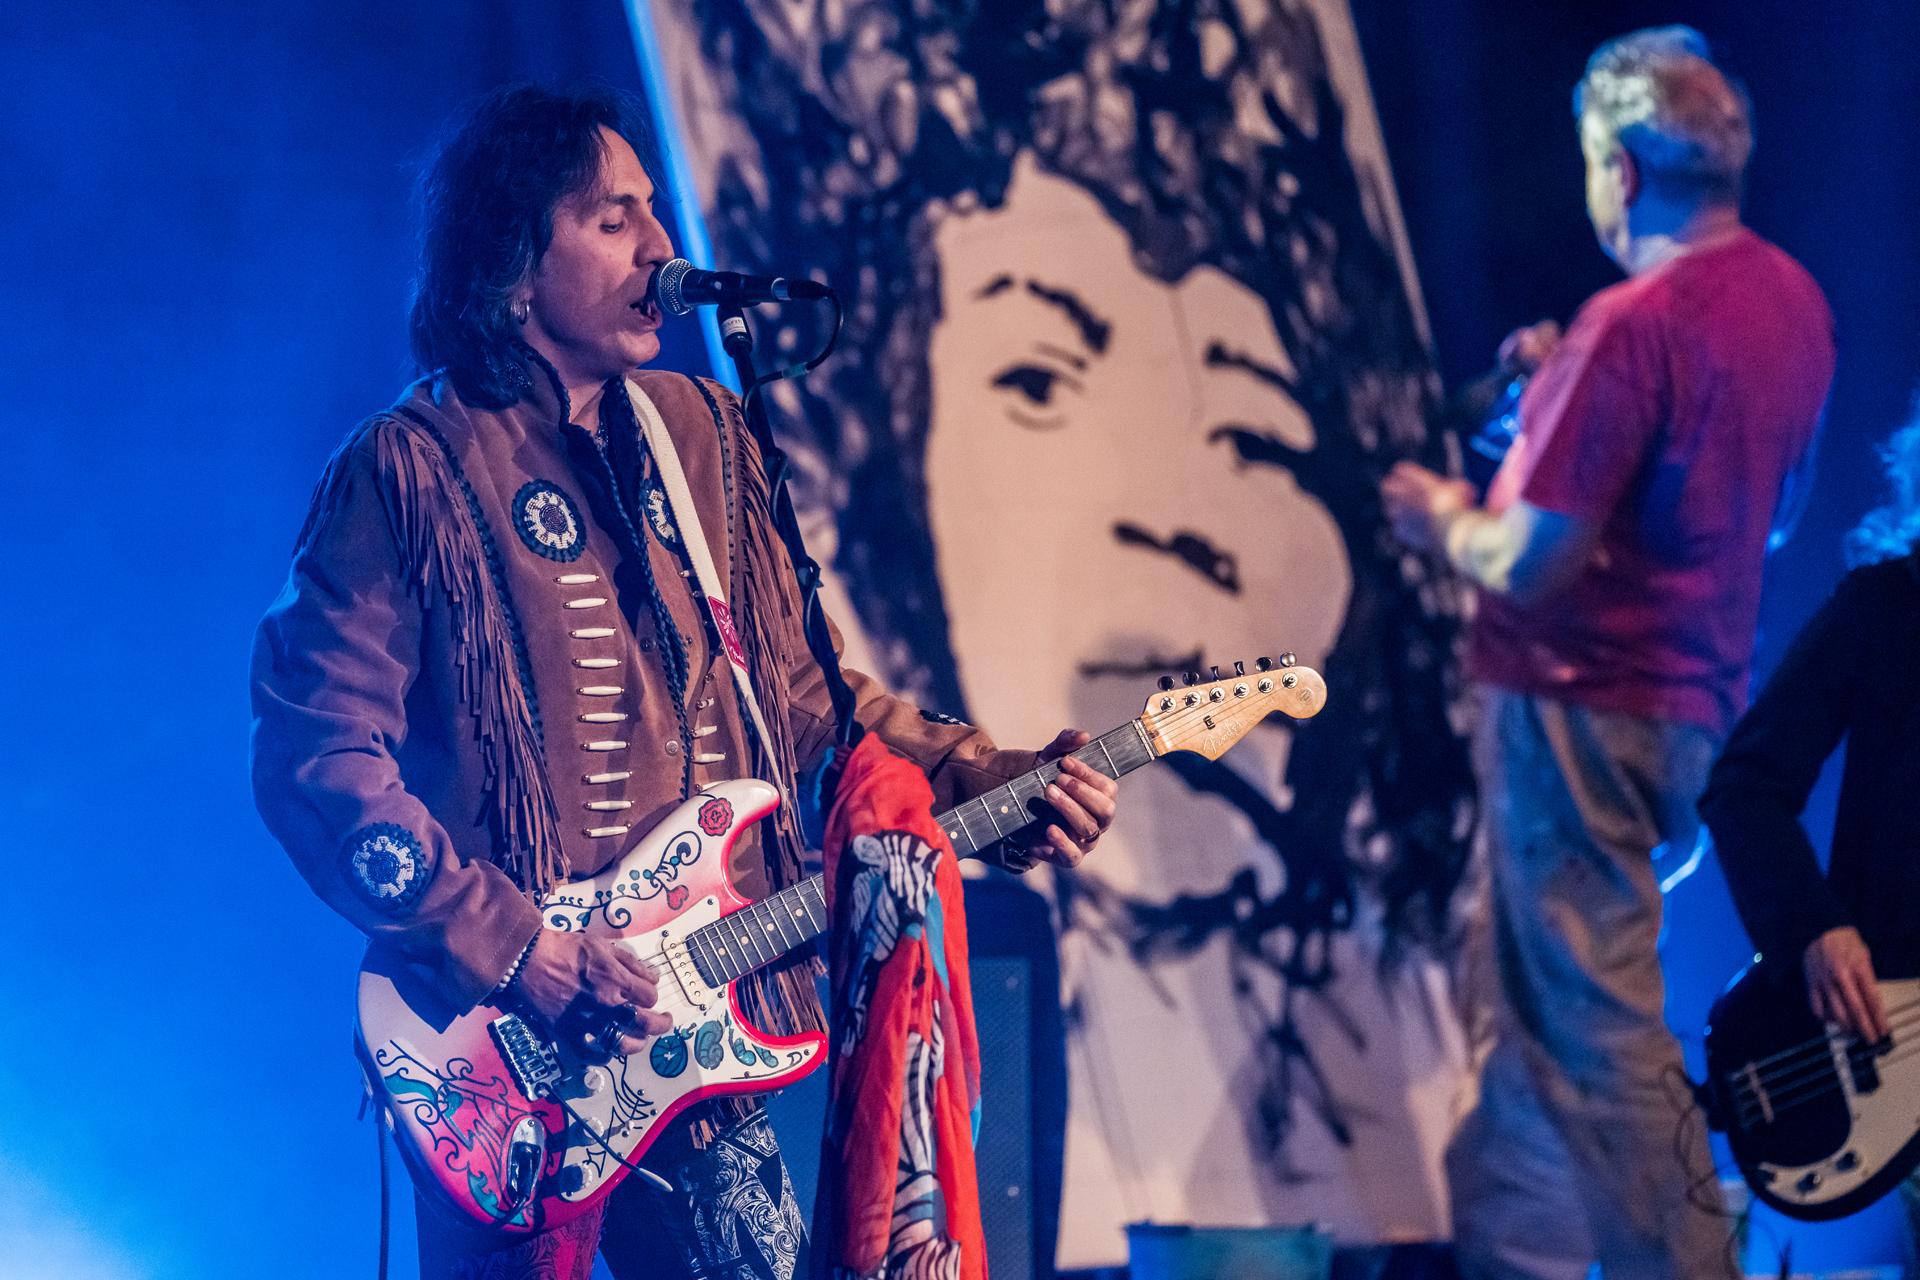 2020_01_15-we4show-Hendrix-©-Luca-Vantusso-210923-GFXS2621